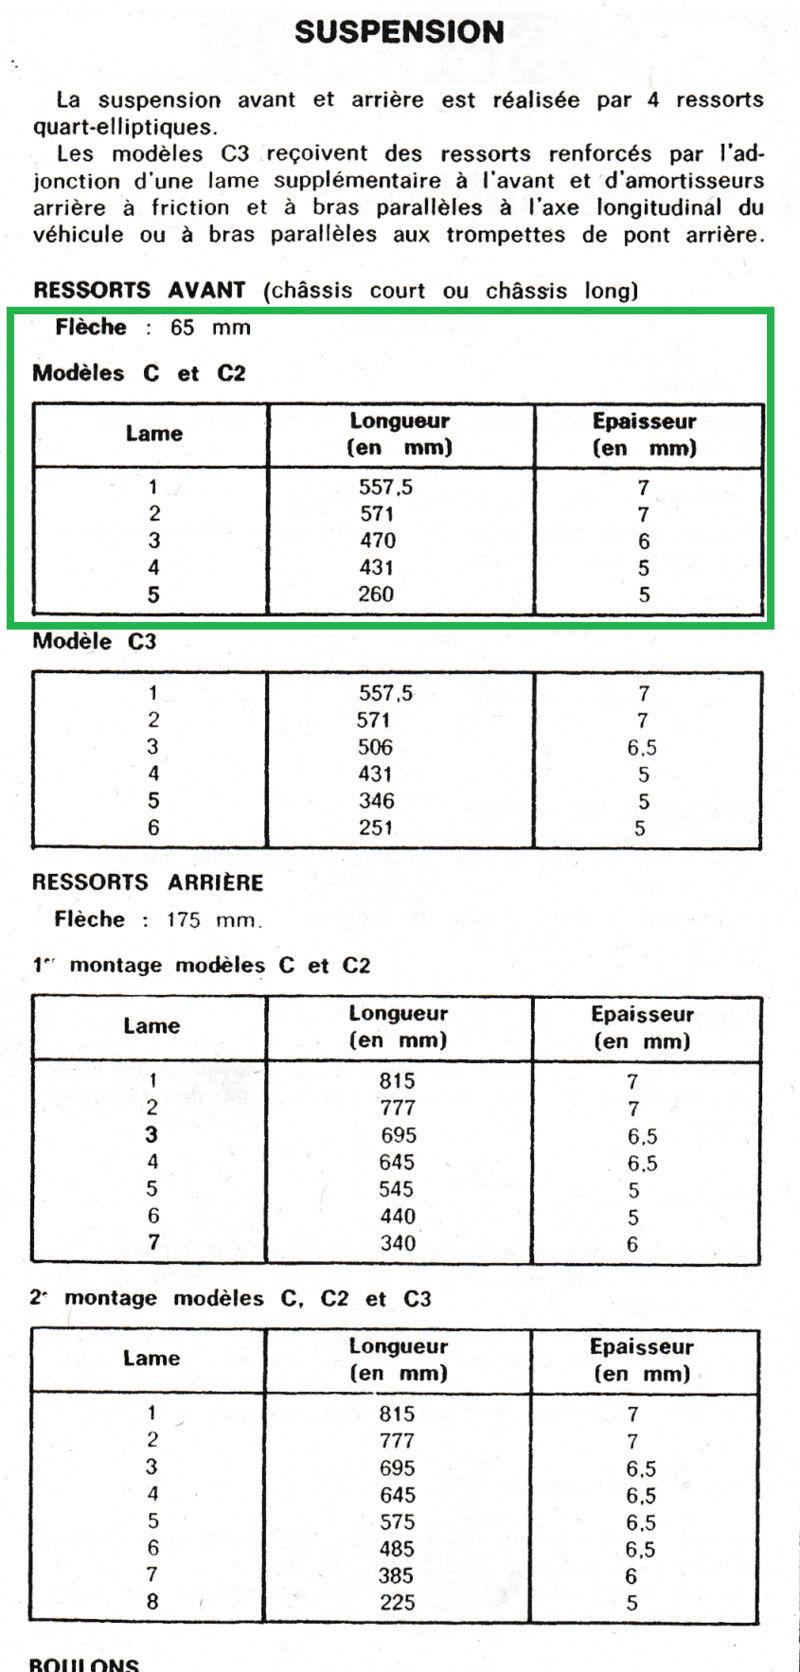 casse bloc moteur - Page 2 Dimens10